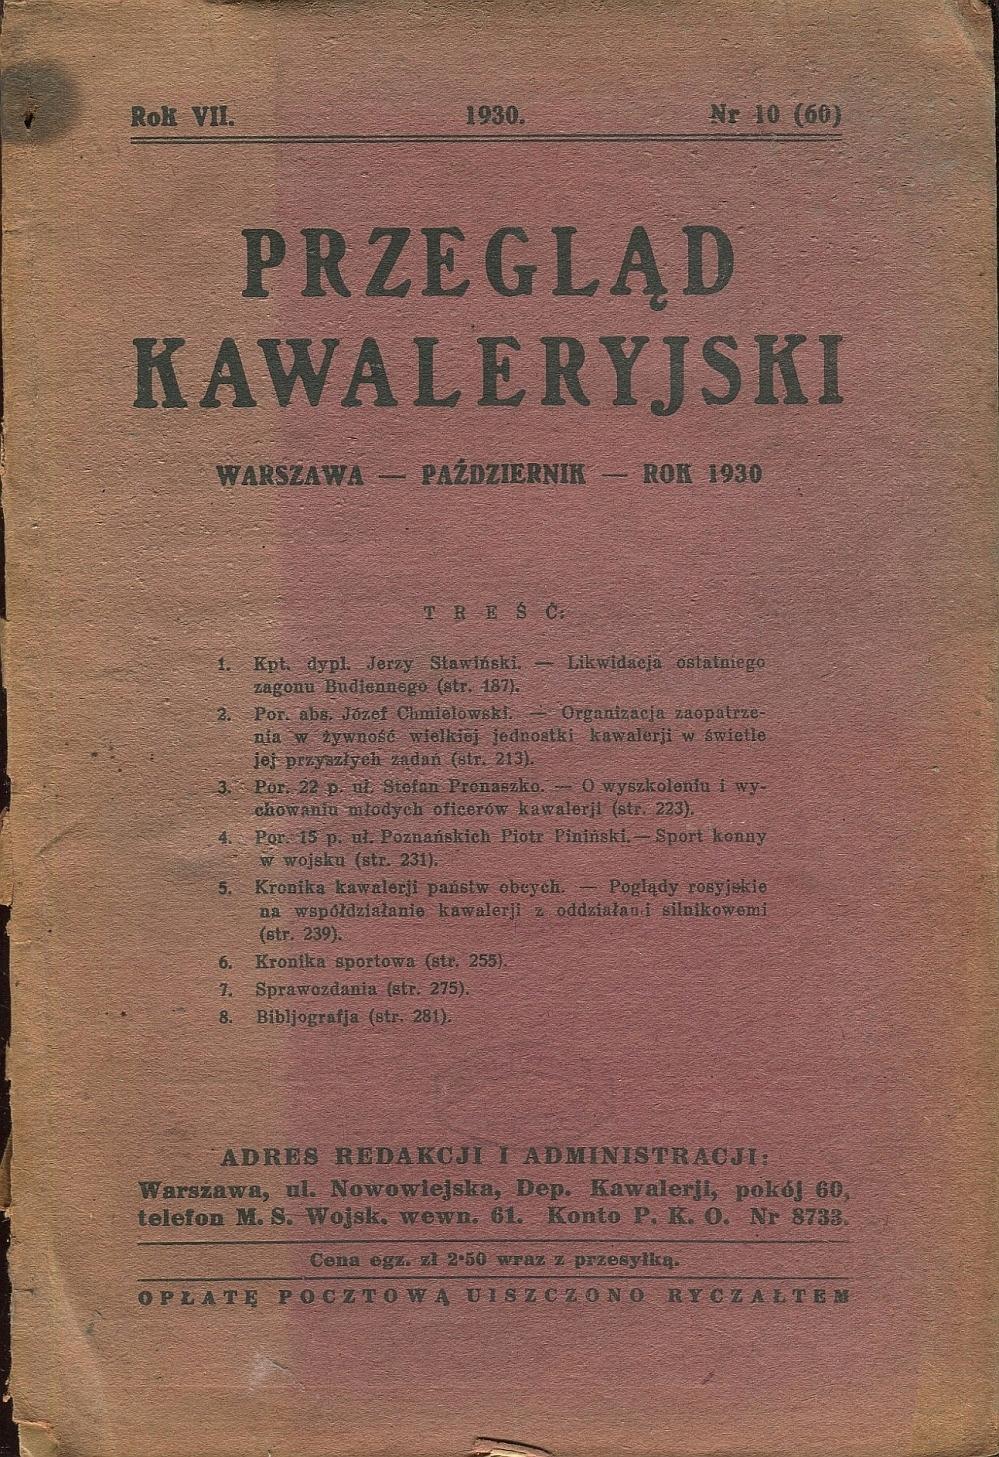 PRZEGLĄD KAWALERYJSKI 1930 kawaleria Budionny